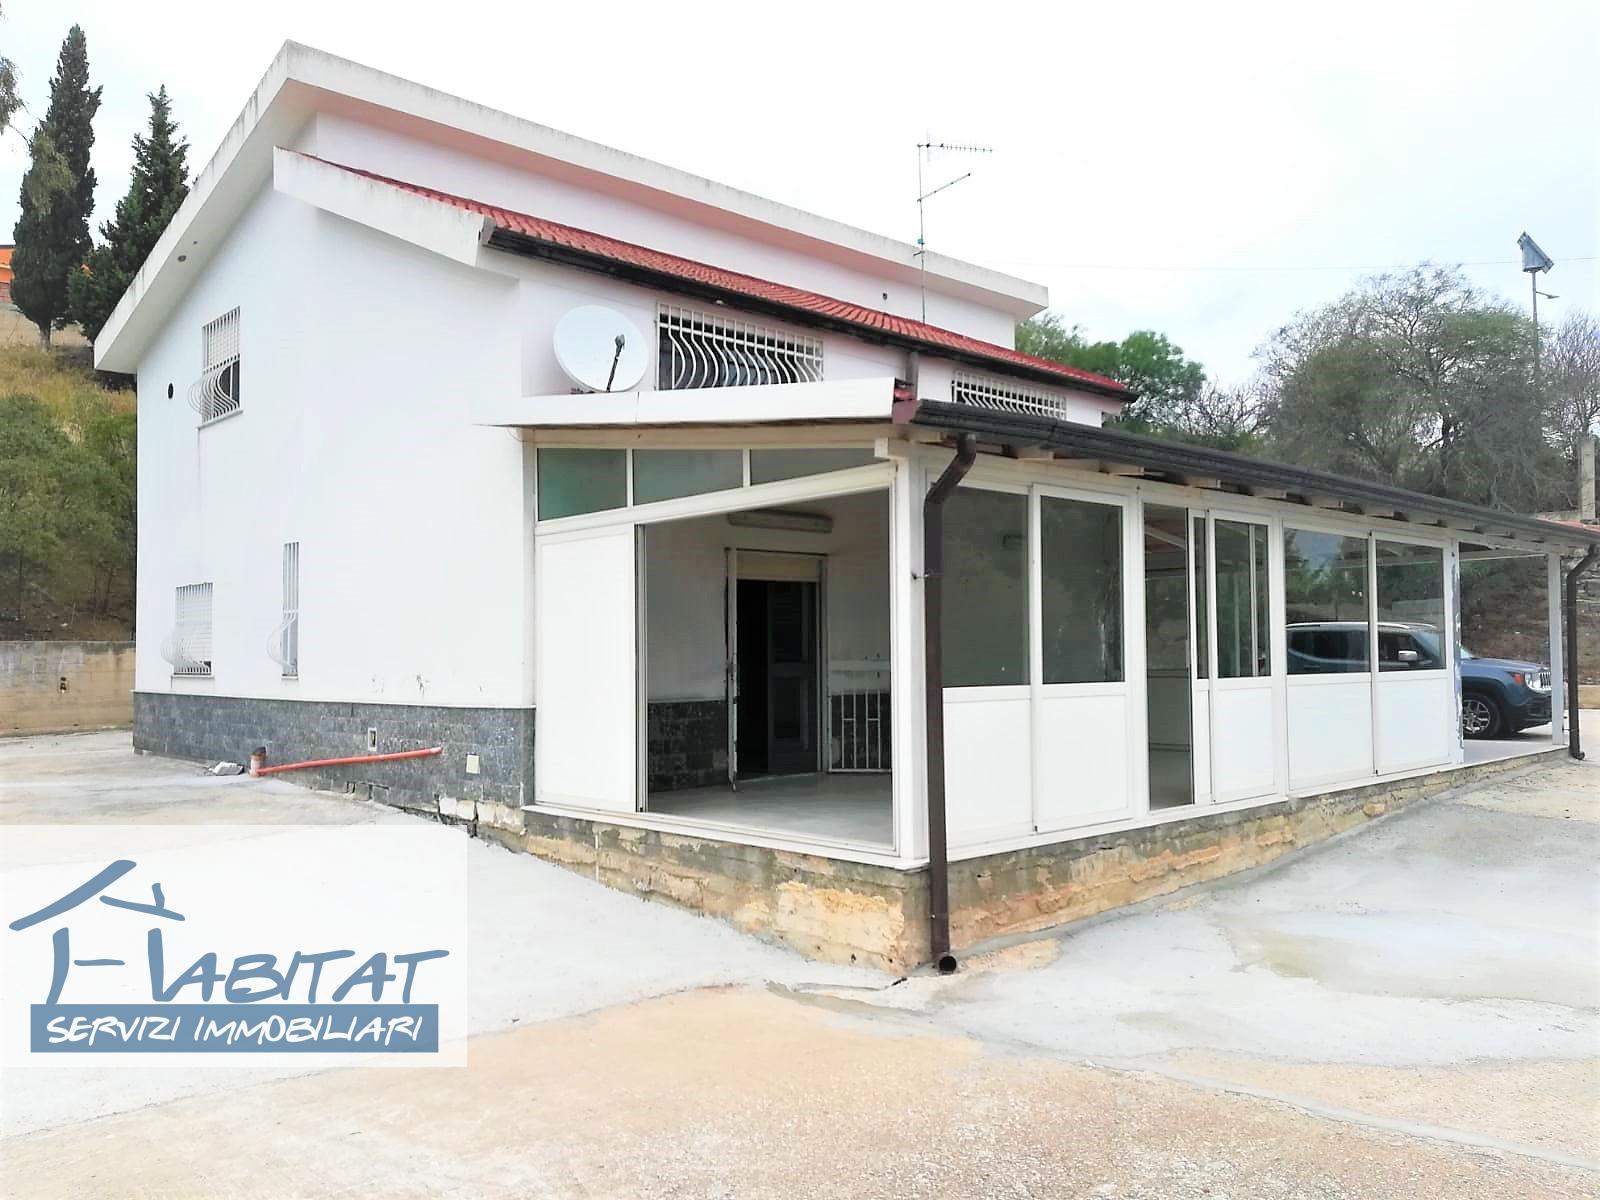 Villa in vendita a Agrigento, 7 locali, zona Zona: Periferia, prezzo € 140.000   CambioCasa.it